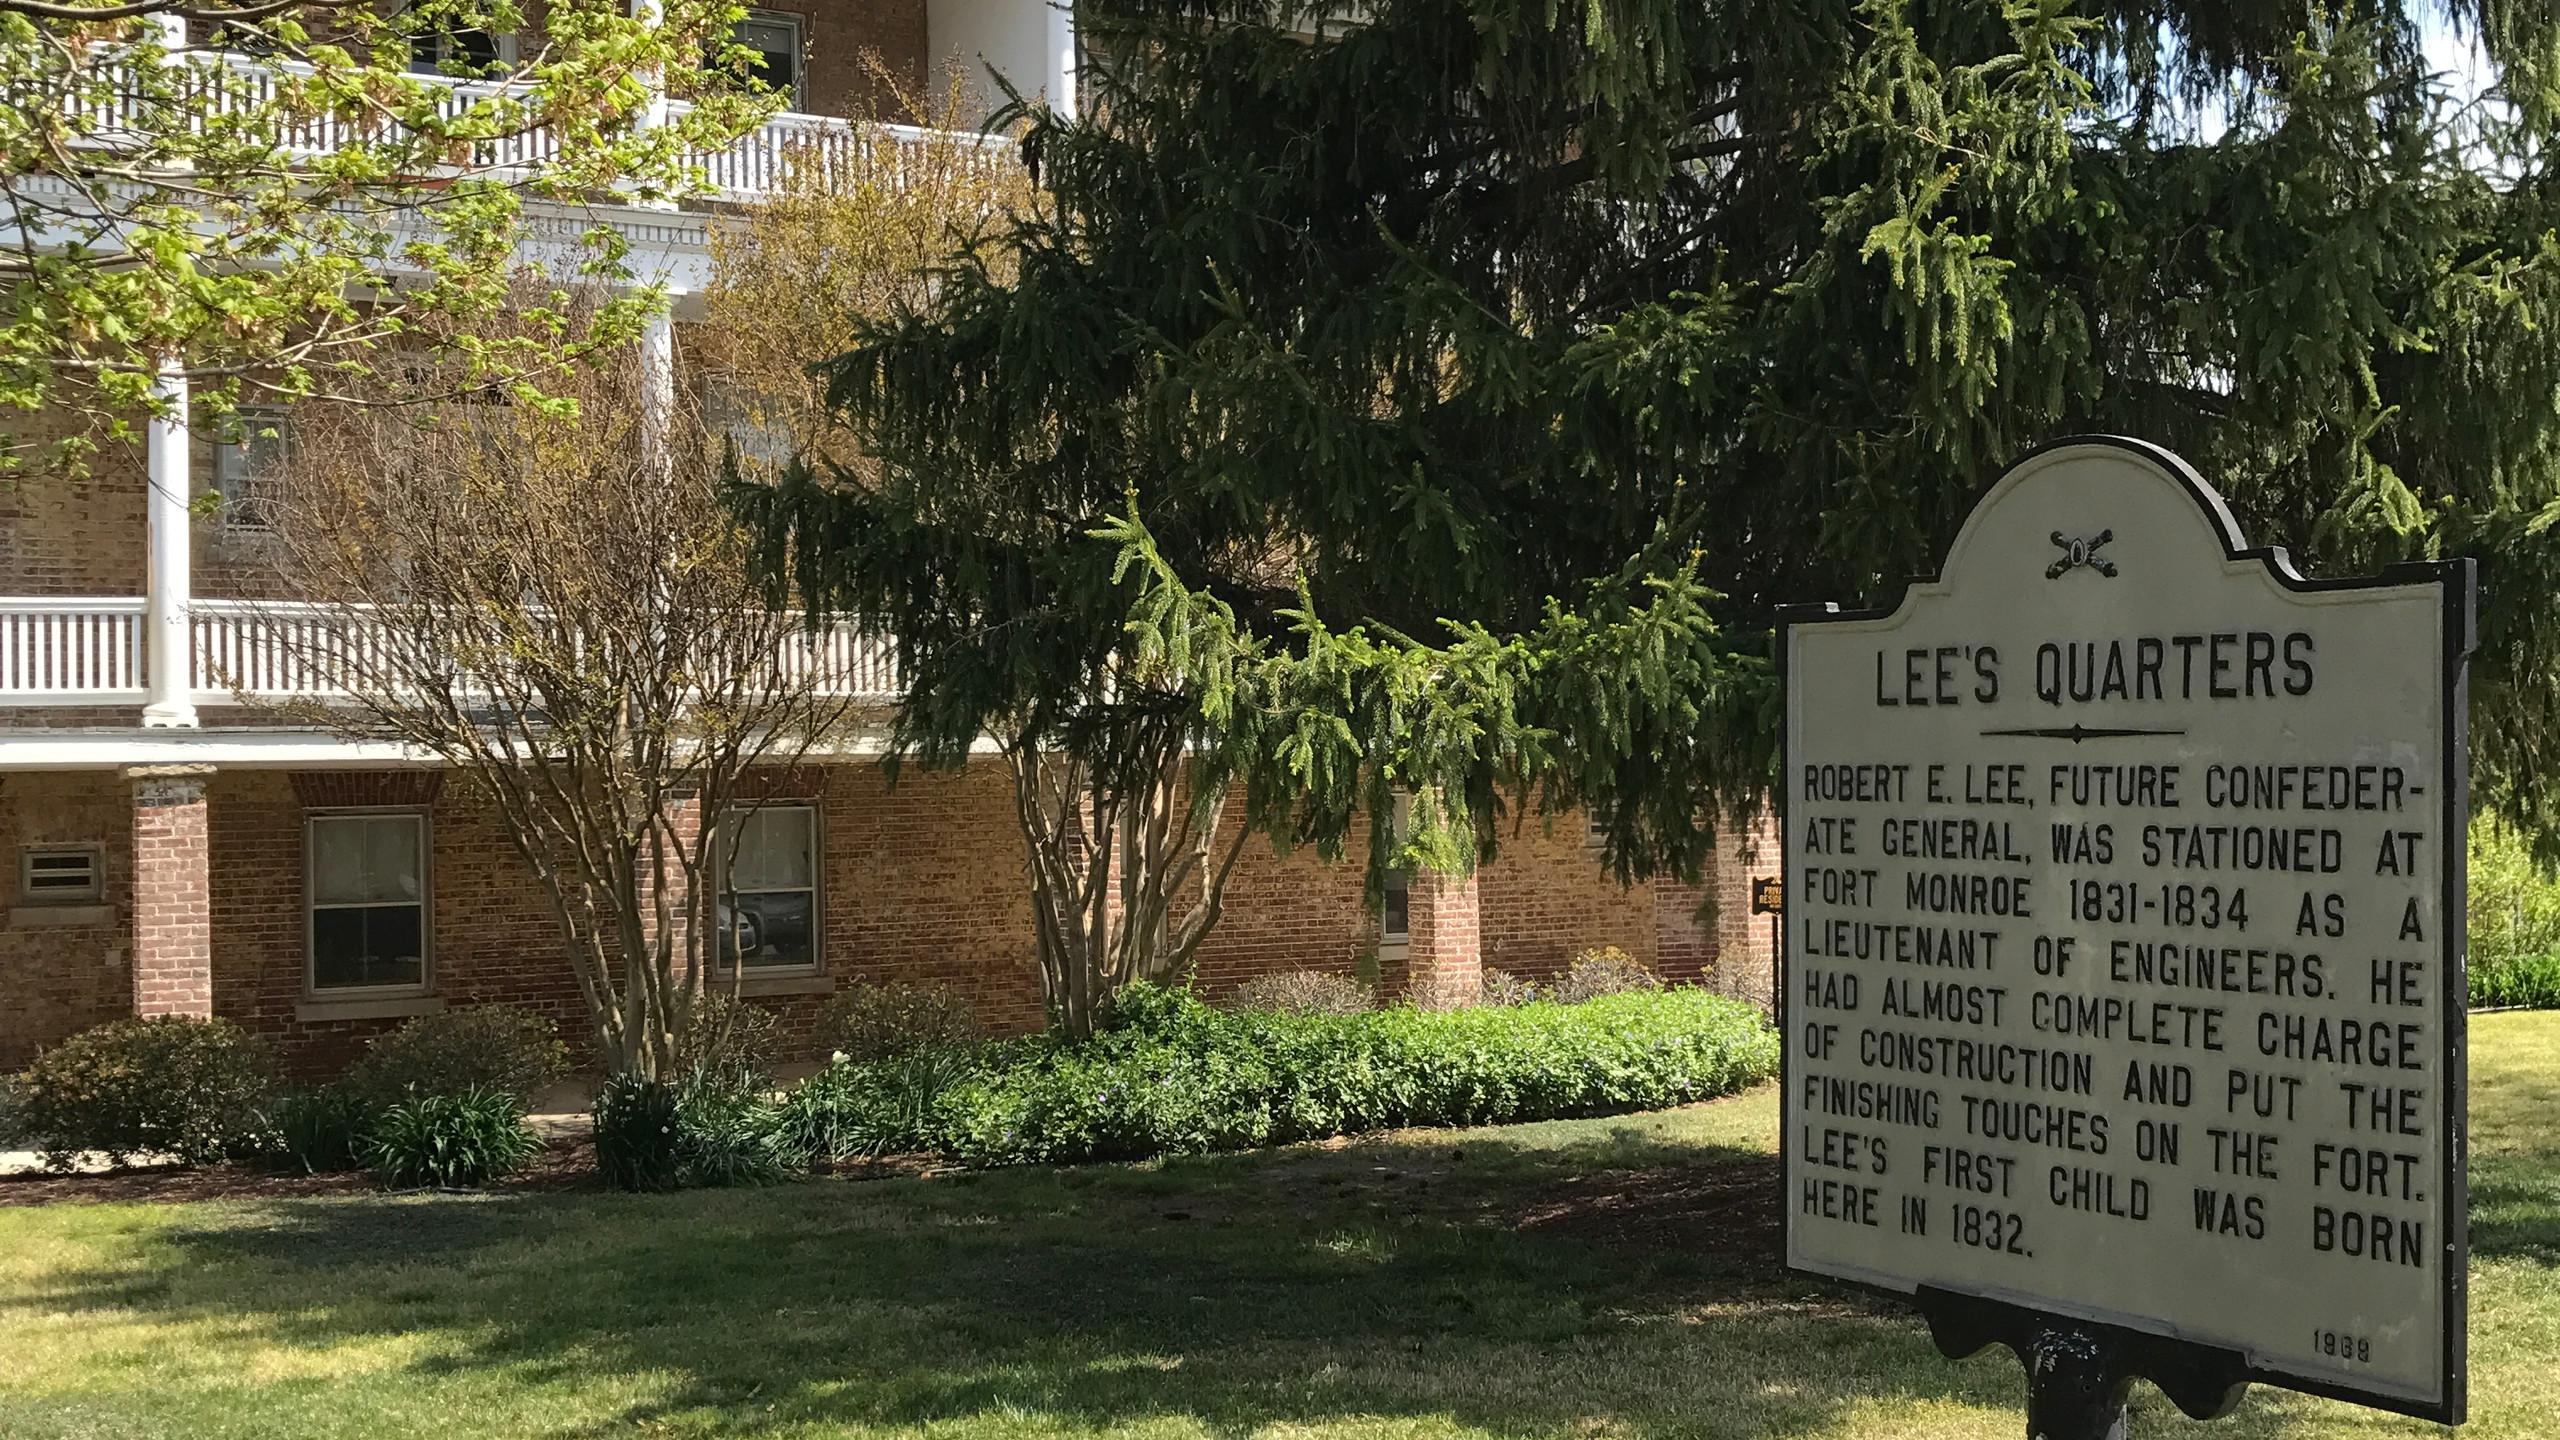 Robert E. Lee's Quarters